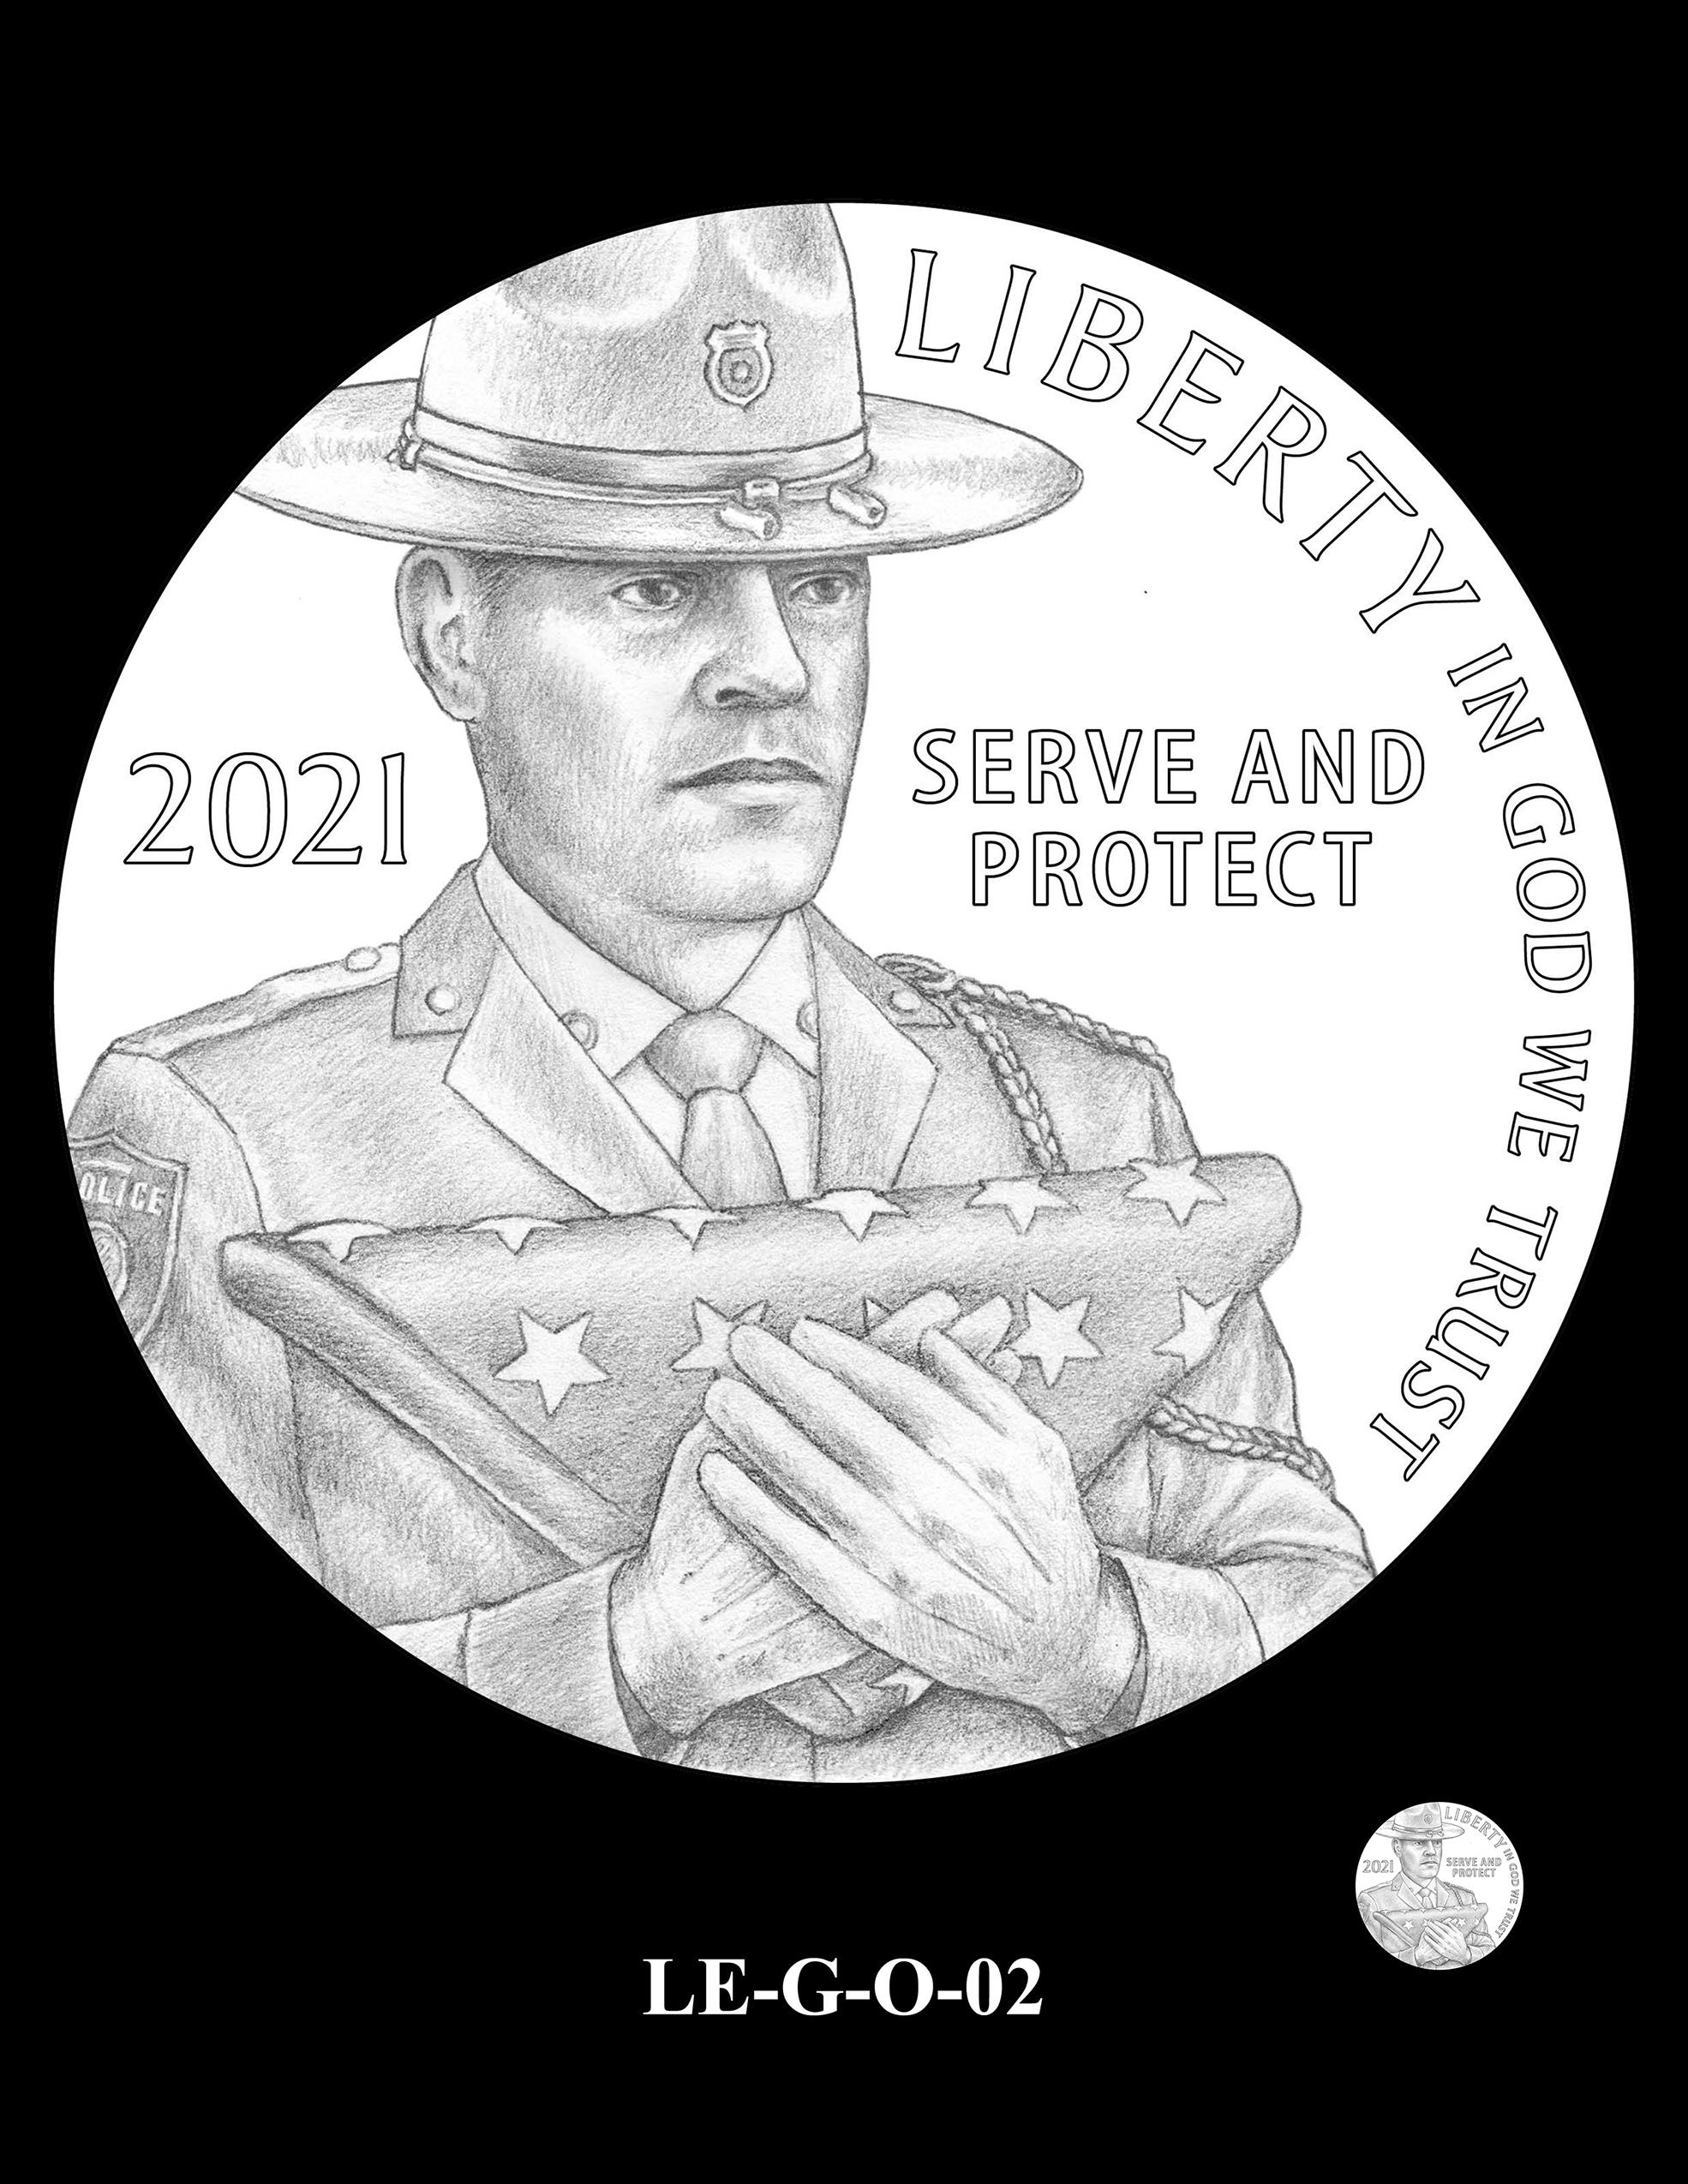 LE-G-O-02 -- National Law Enforcement Museum Commemorative Coin Program